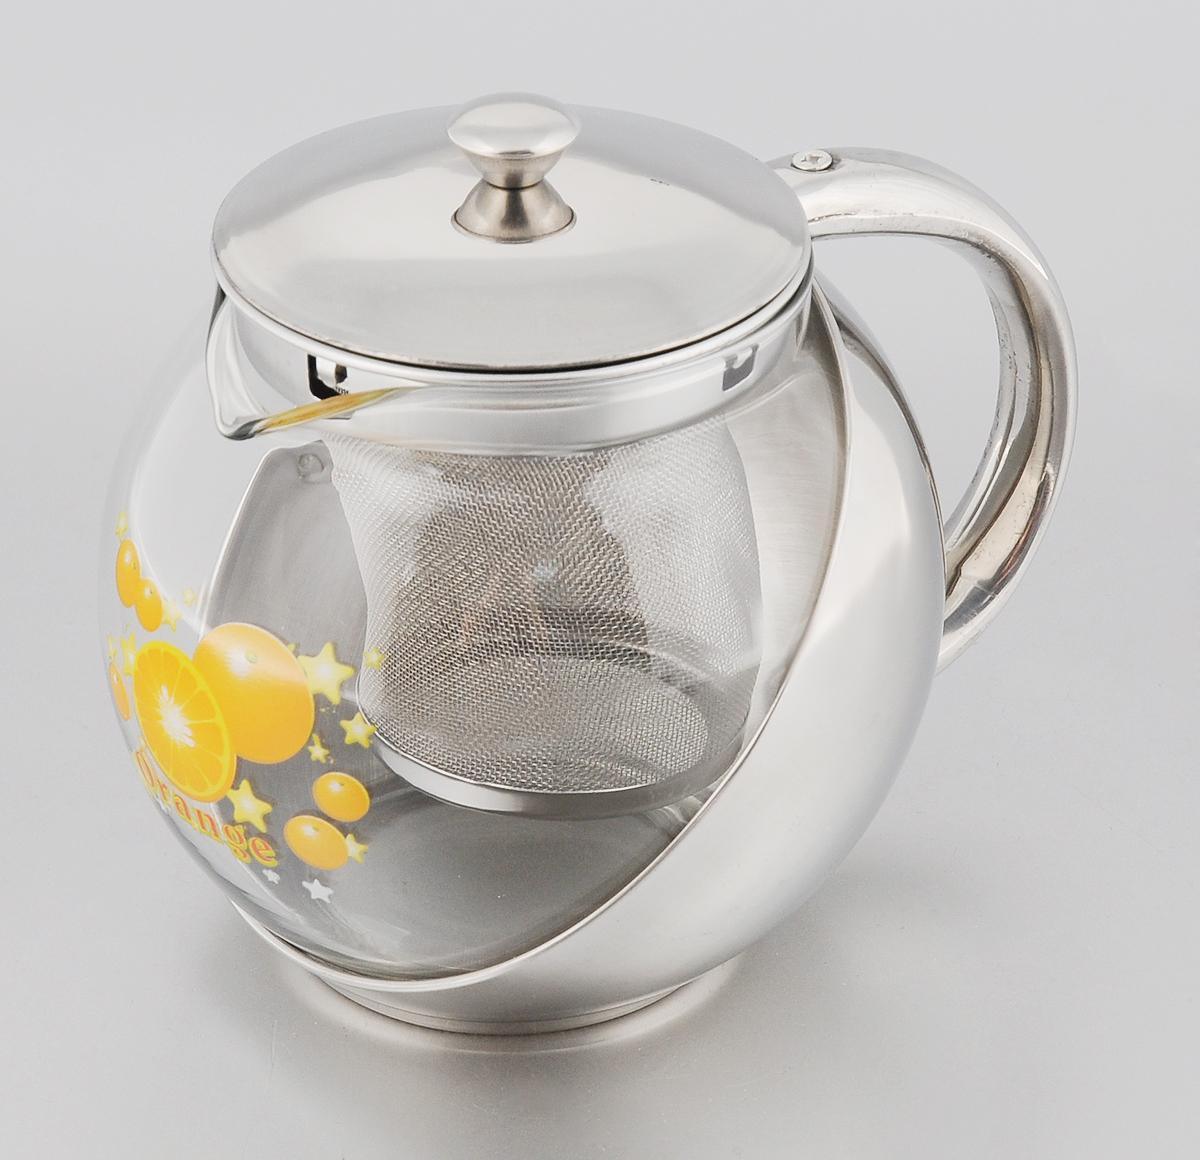 Чайник заварочный Mayer & Boch Orange, 700 млFS-91909Заварочный чайник Mayer & Boch Orange позволит быстро и просто приготовить свежий и ароматный чай или кофе. Съемный фильтр из нержавеющей стали поможет приготовить чистый напиток без частиц заварки, а прозрачные стенки стеклянной колбы позволят наблюдать за приготовлением напитка. Изящный и современный стиль чайника прекрасно подчеркнет декор любой кухни. Диаметр (по верхнему краю): 8 см. Высота: 11 см.